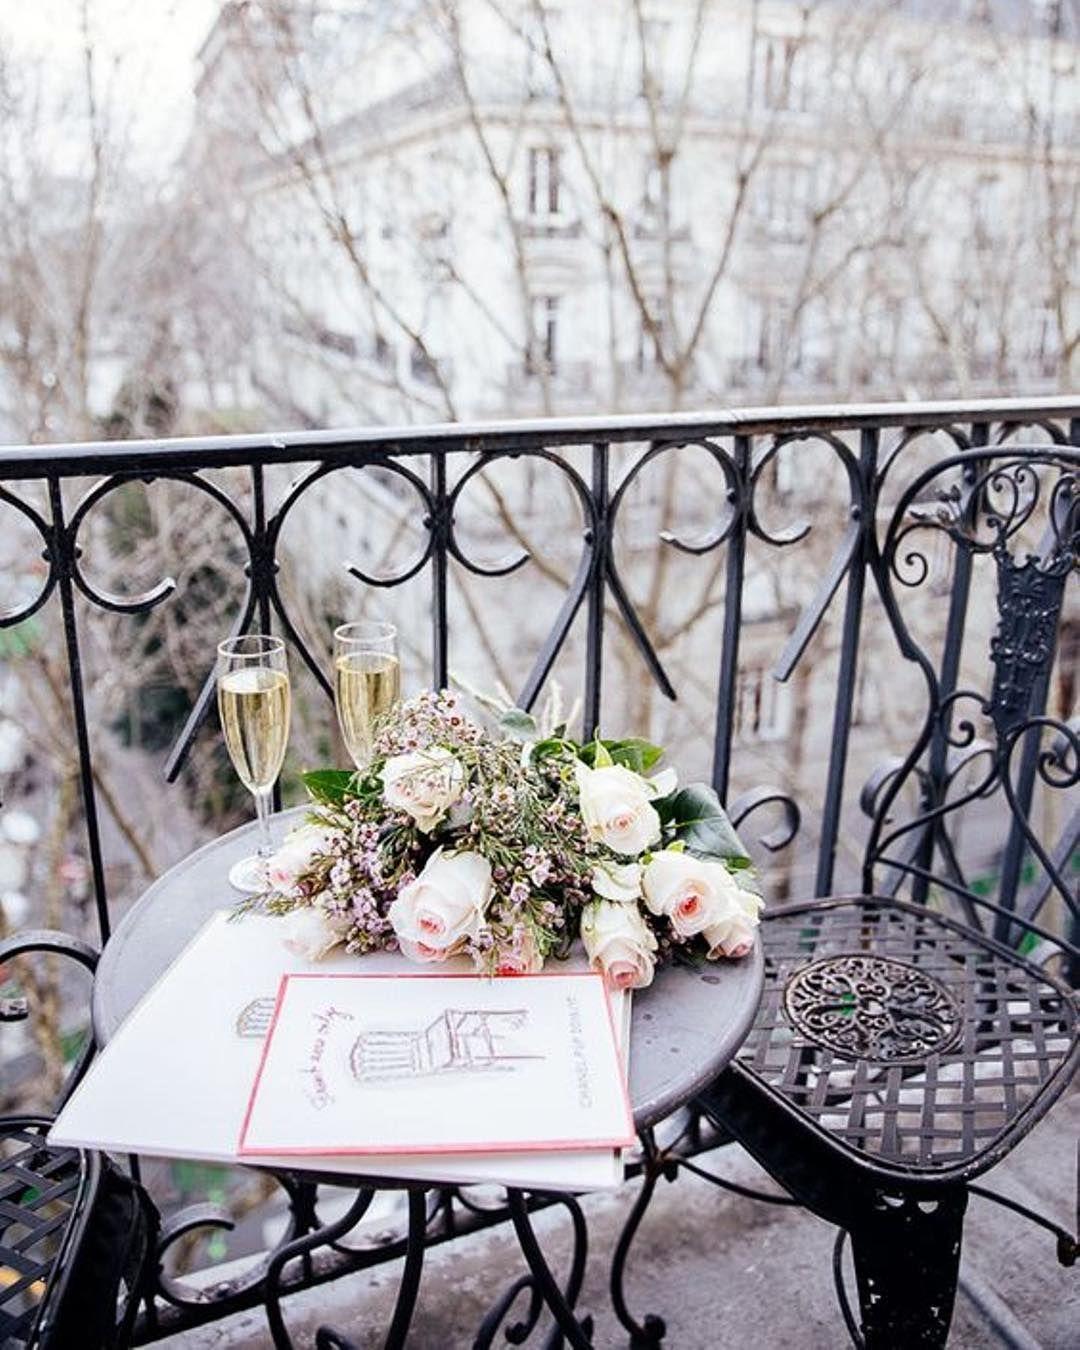 """Le Petit Blossom on Instagram: """"💐💐💐💐💐💐💐💐💐💐⠀ #LePetitBlossom #flower #flowers #blossom #bloom #flowerstagram #floral #florals #florist #floweroftheday #flowersofinstagram…"""""""